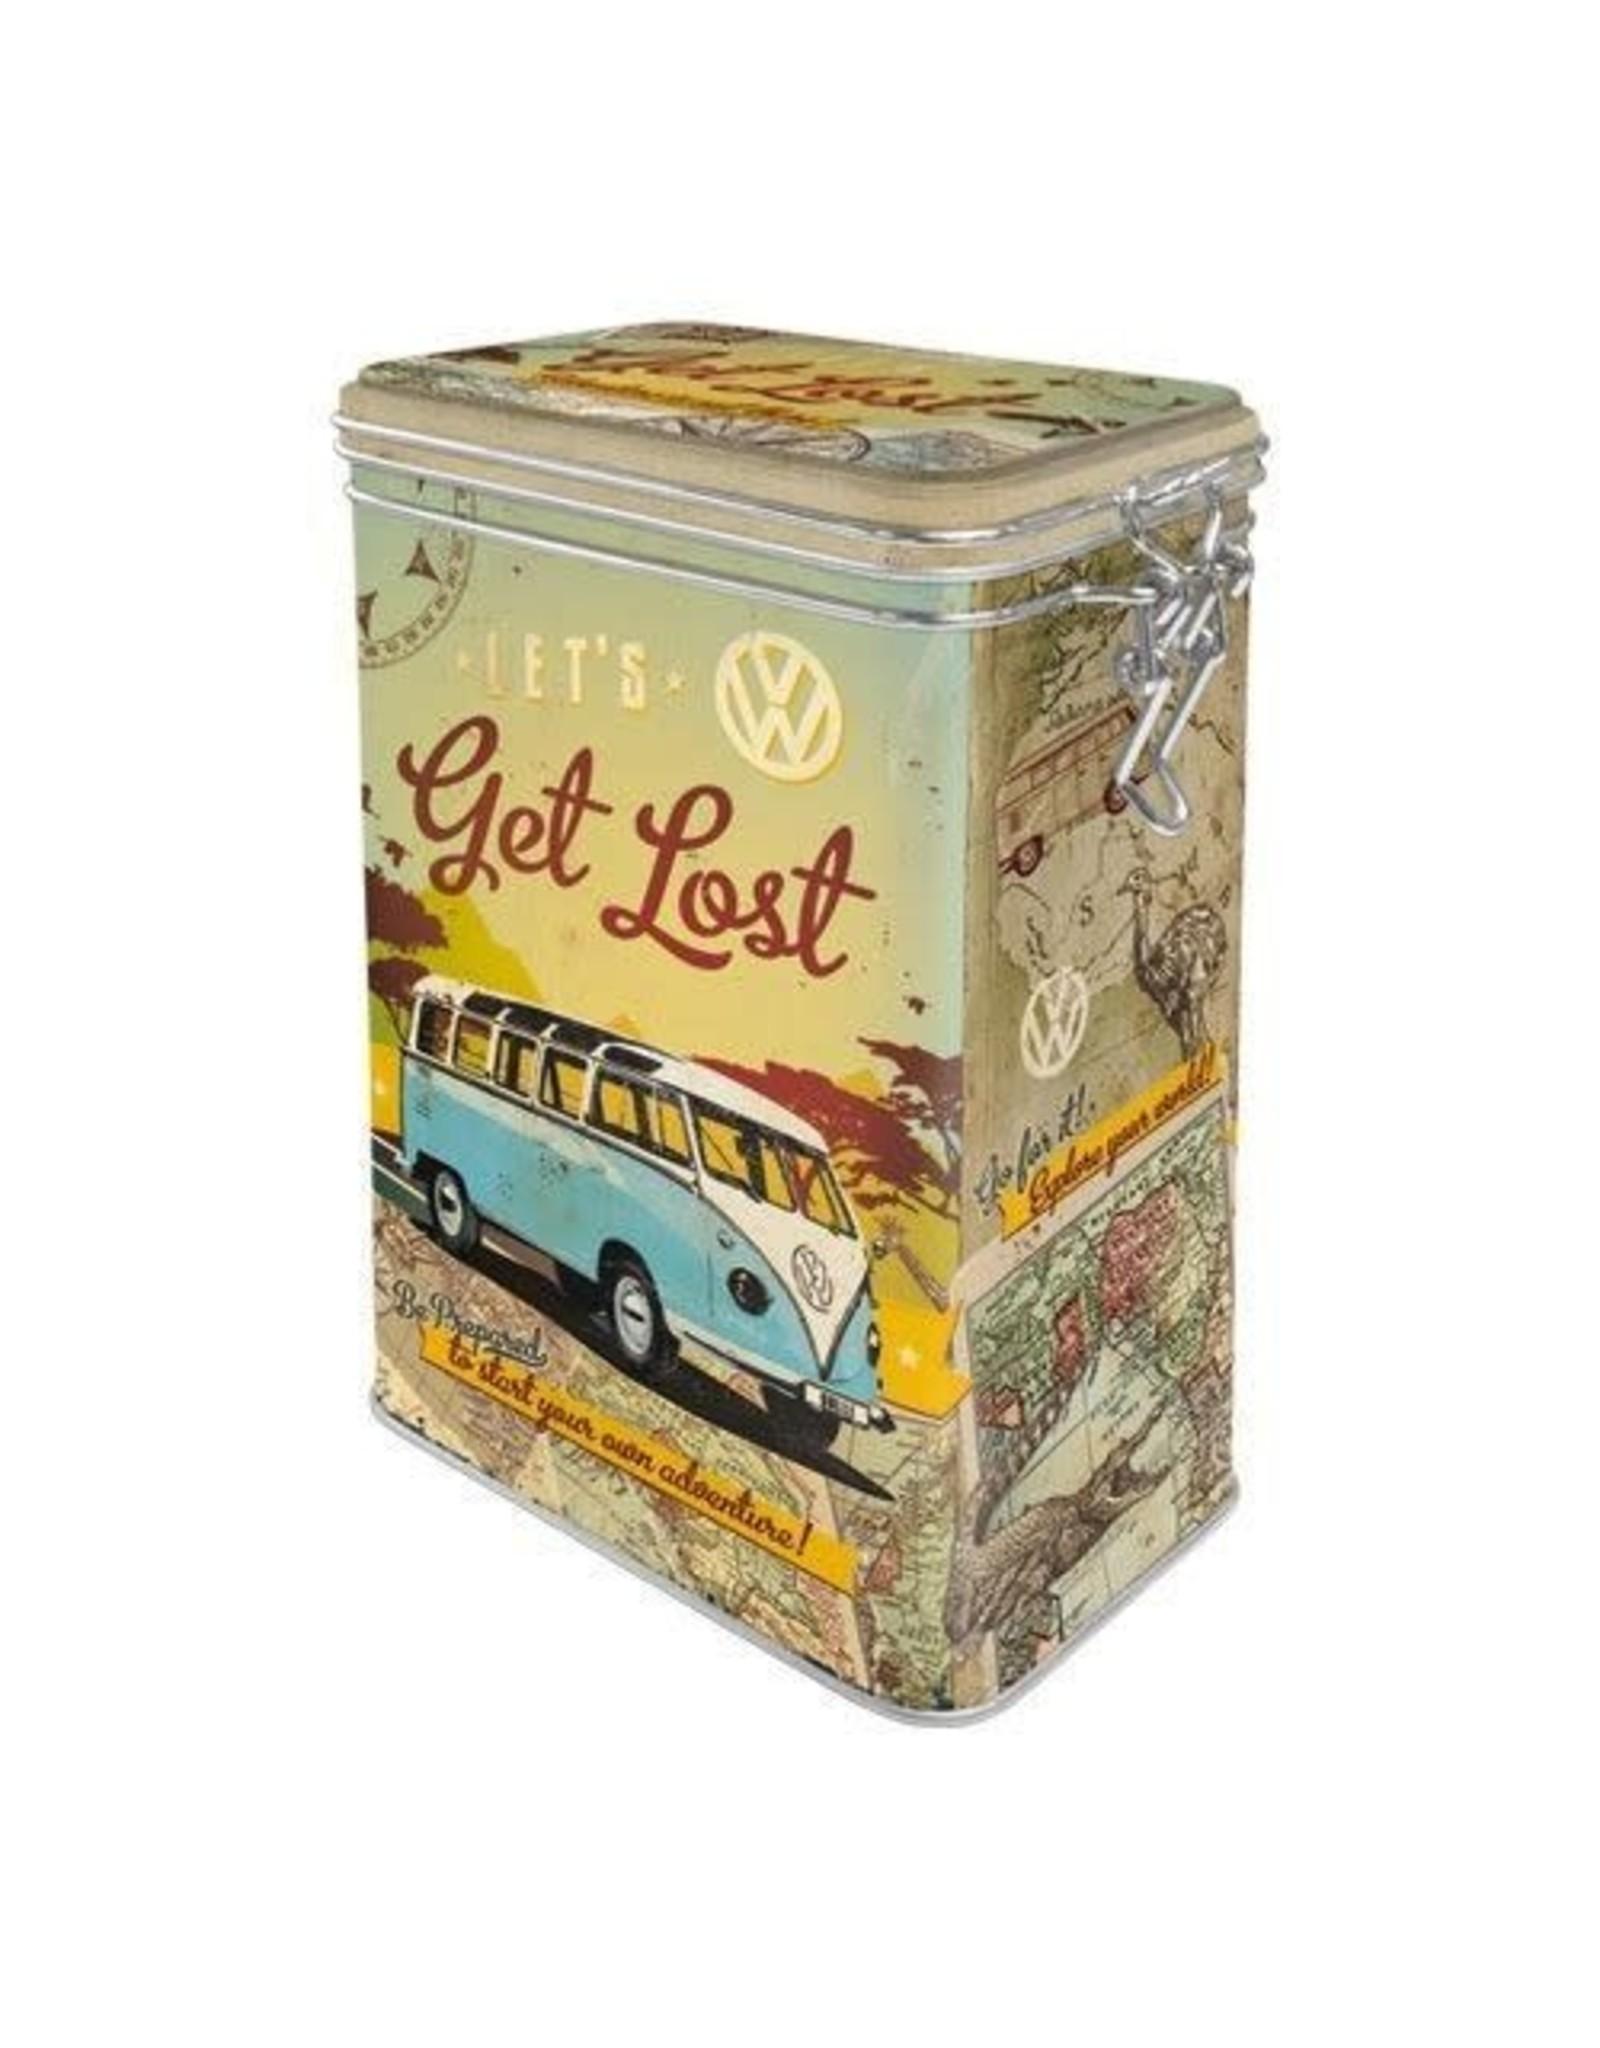 clip top box - let's get lost